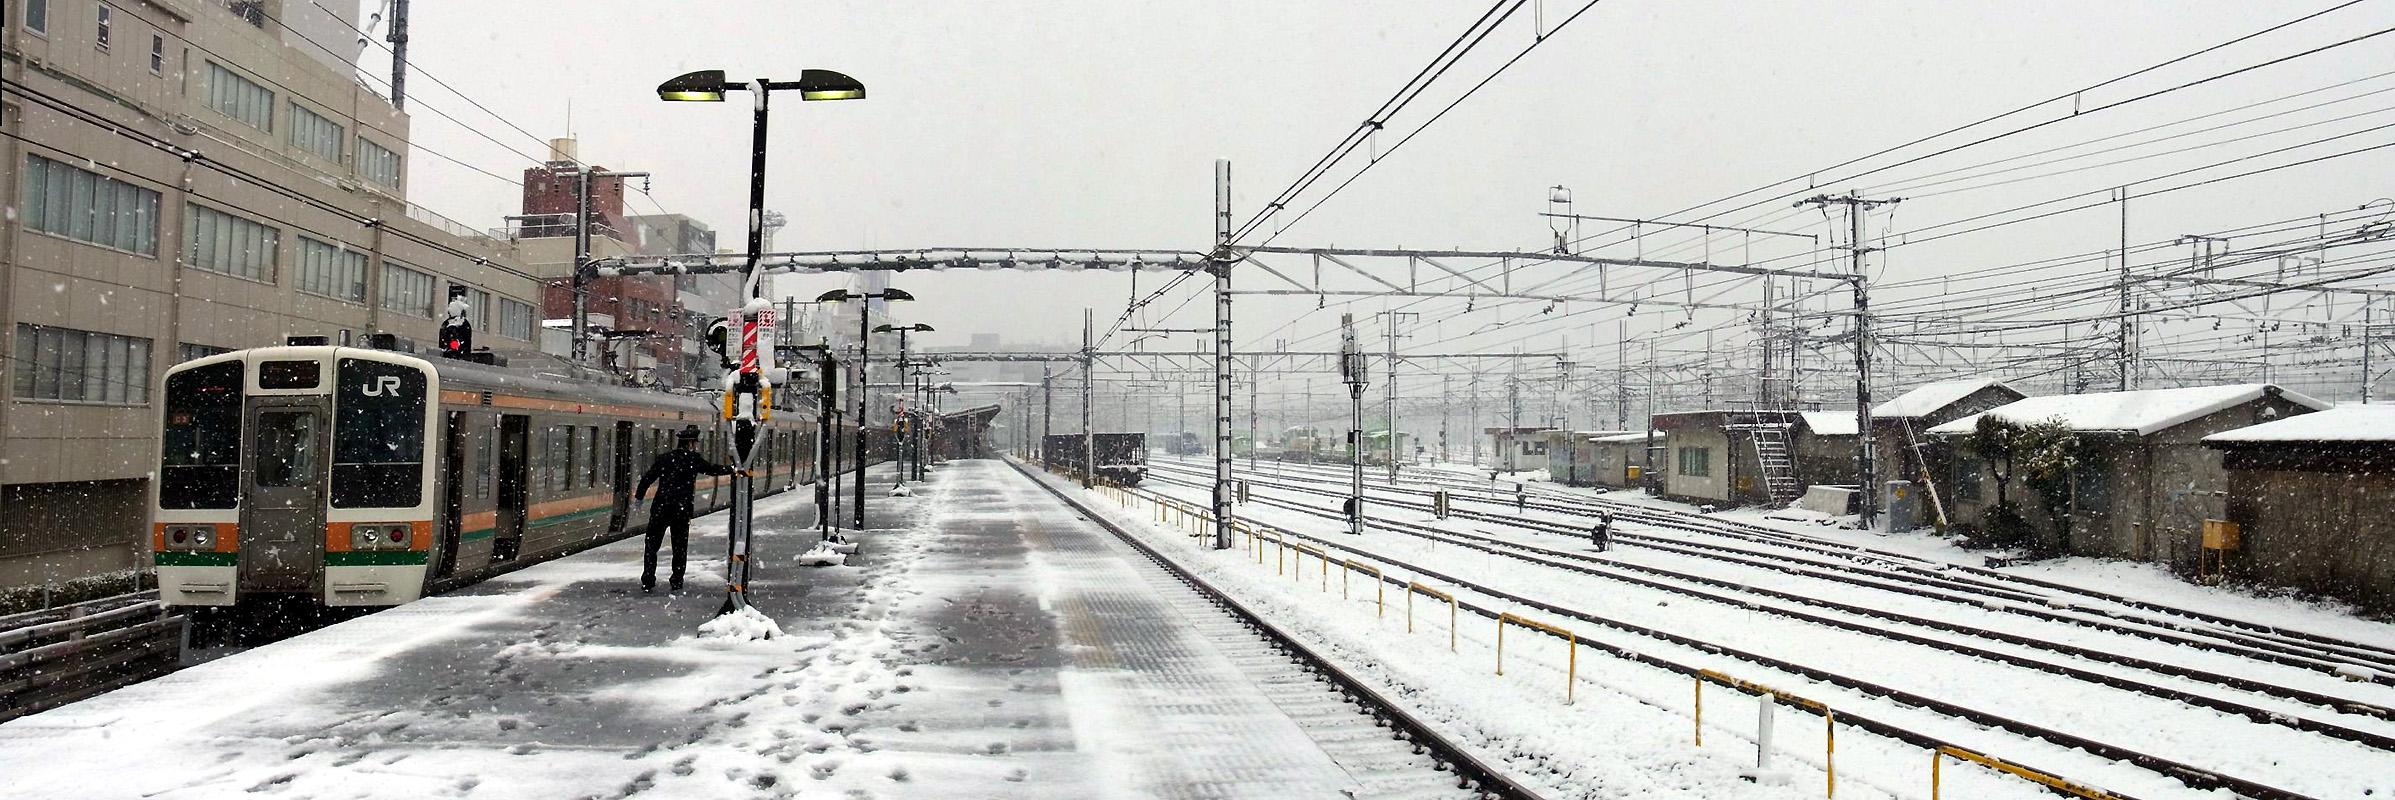 045 雪の尾久駅 北区昭和町1 20120229